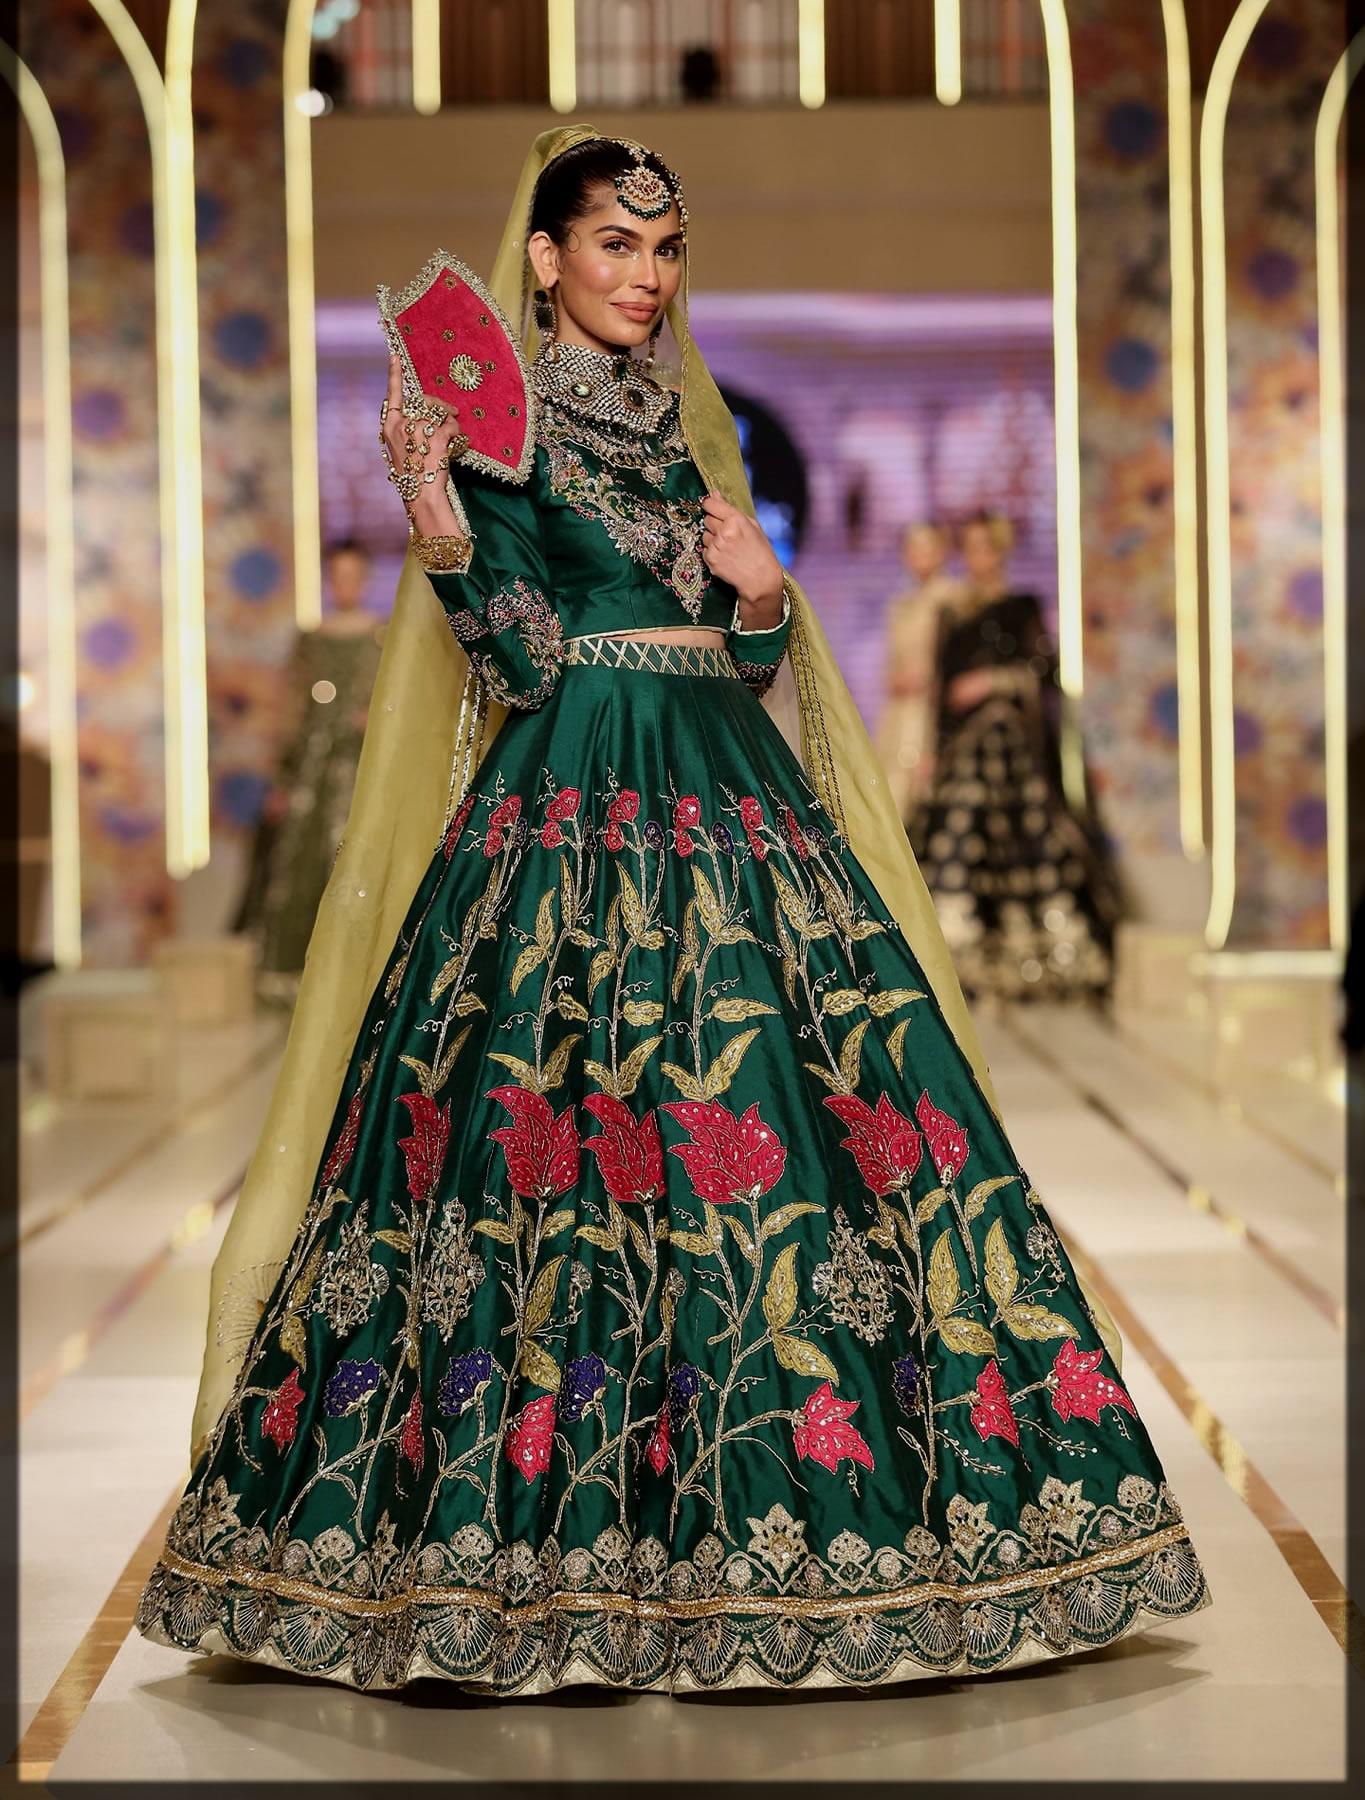 dazzling bridal dress by ahson